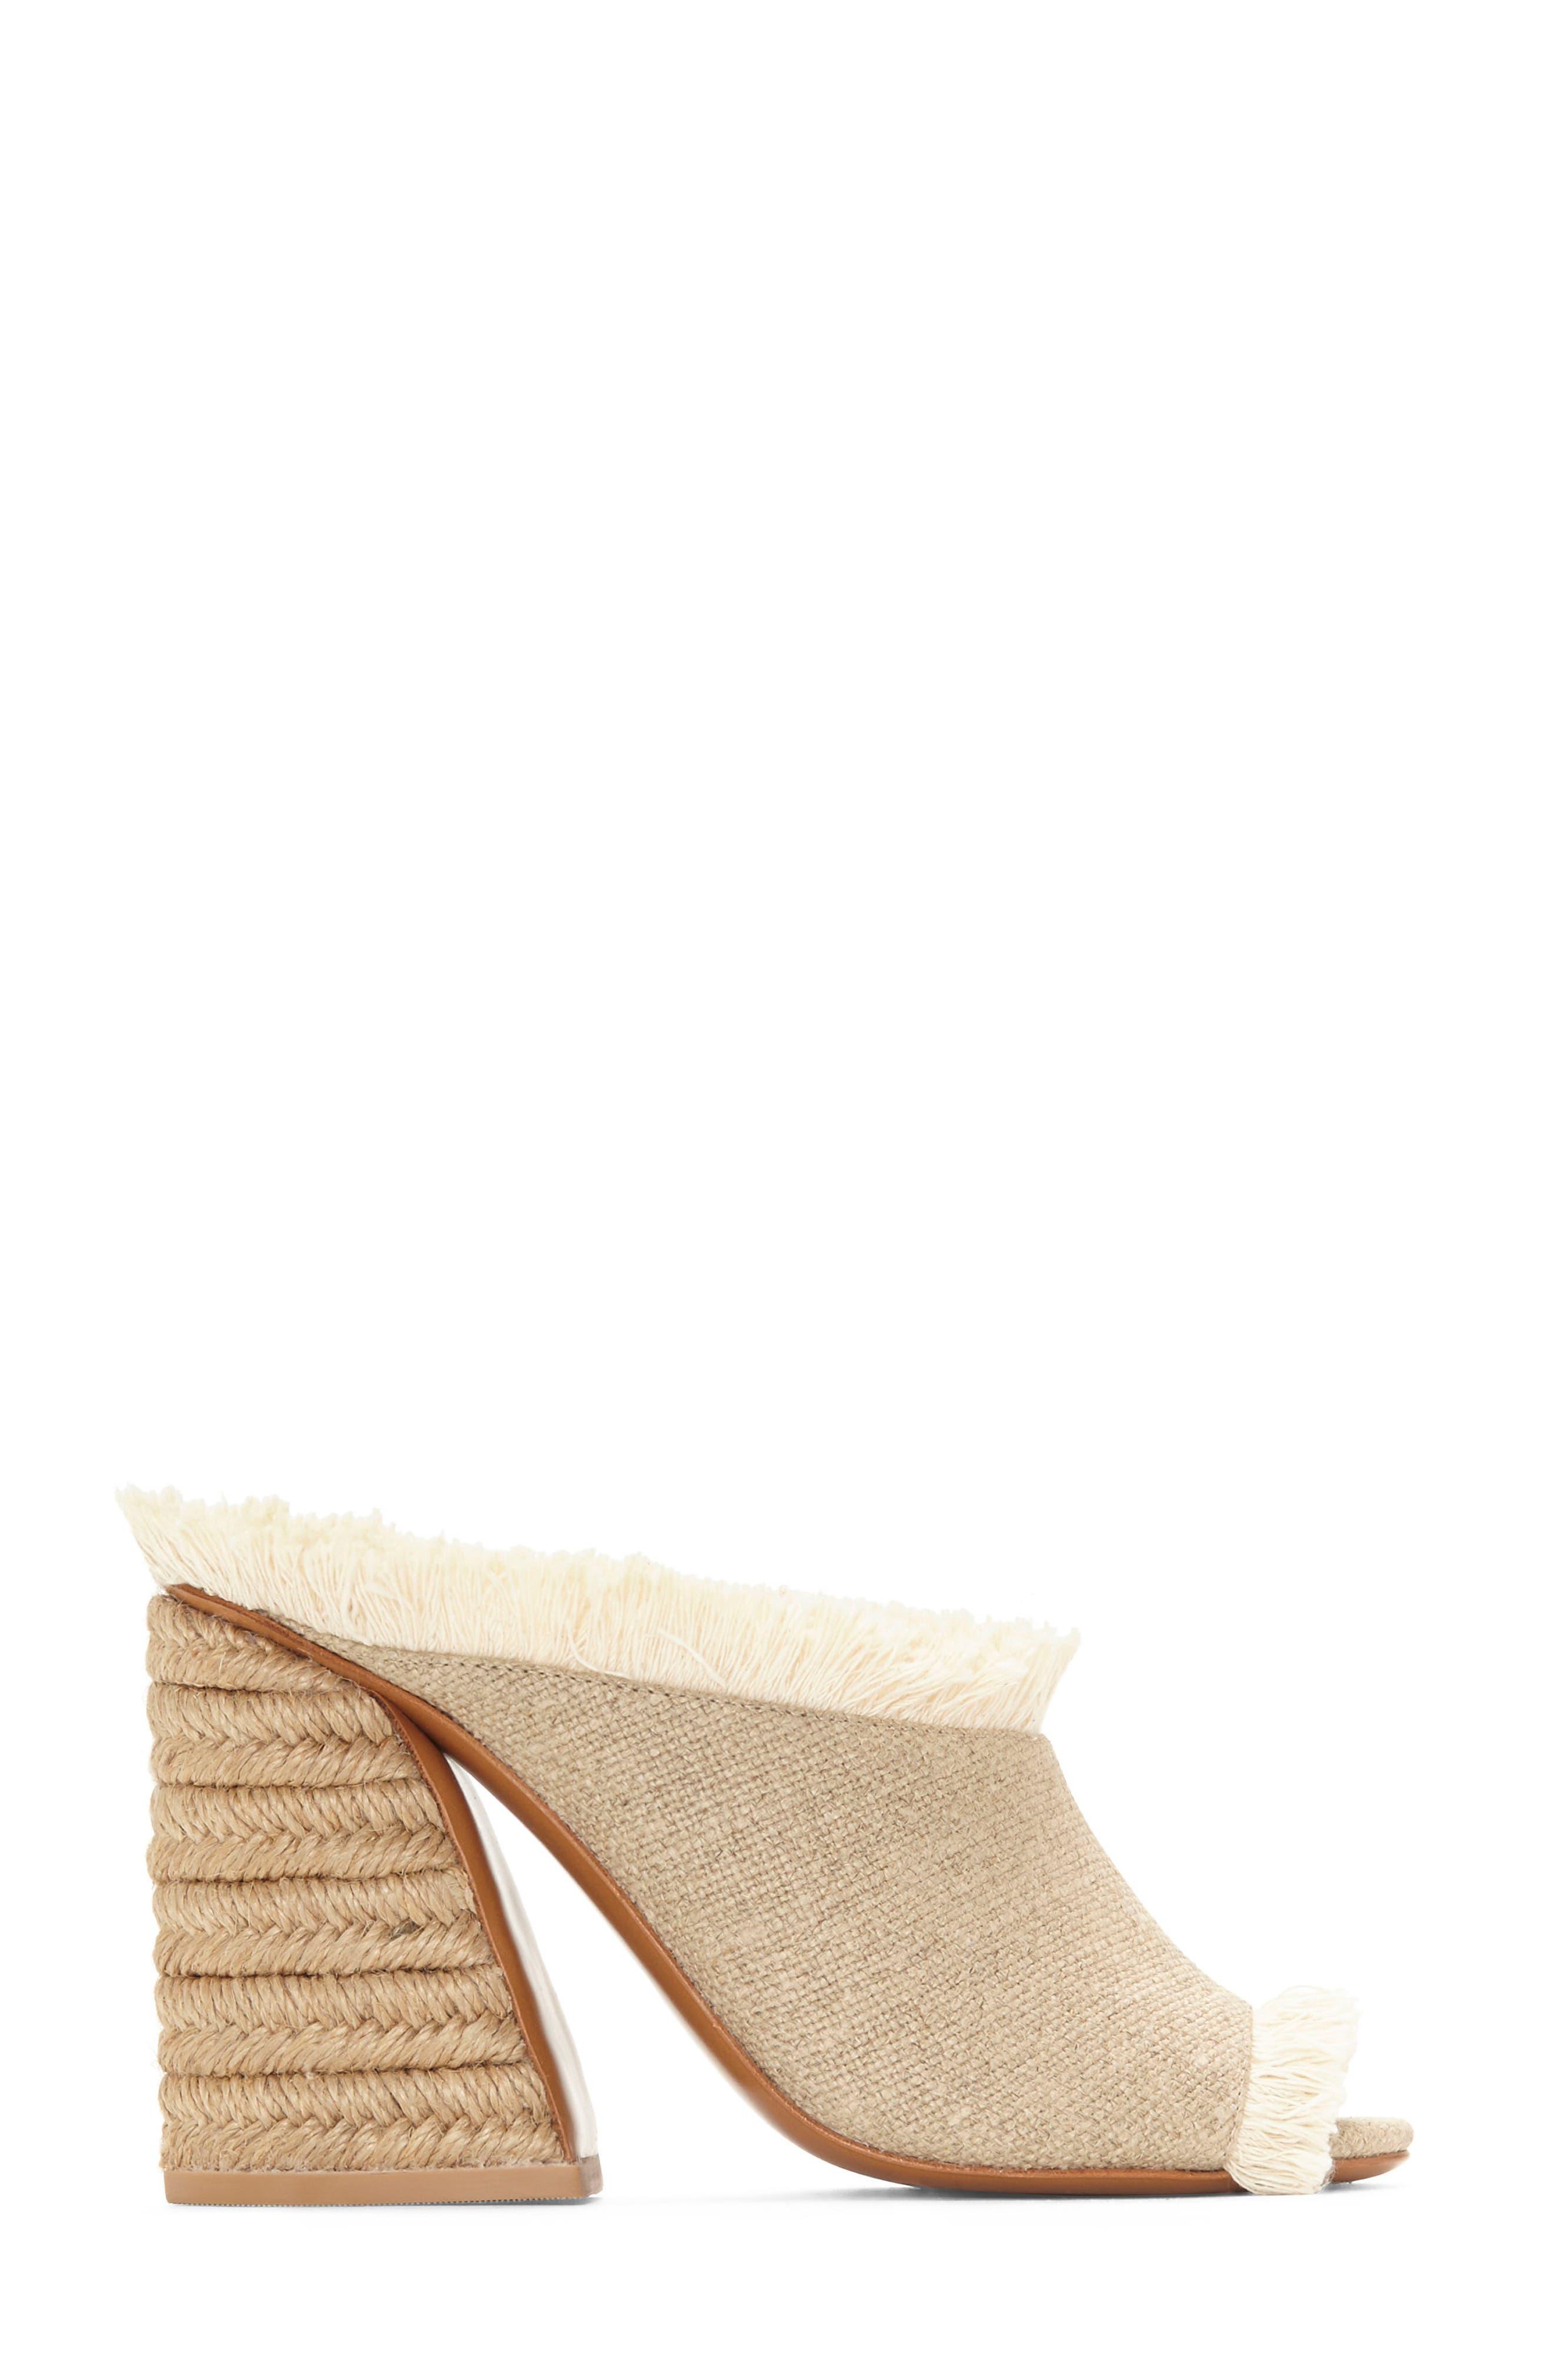 Izar Fringe Asymmetrical Sandal,                             Alternate thumbnail 3, color,                             250